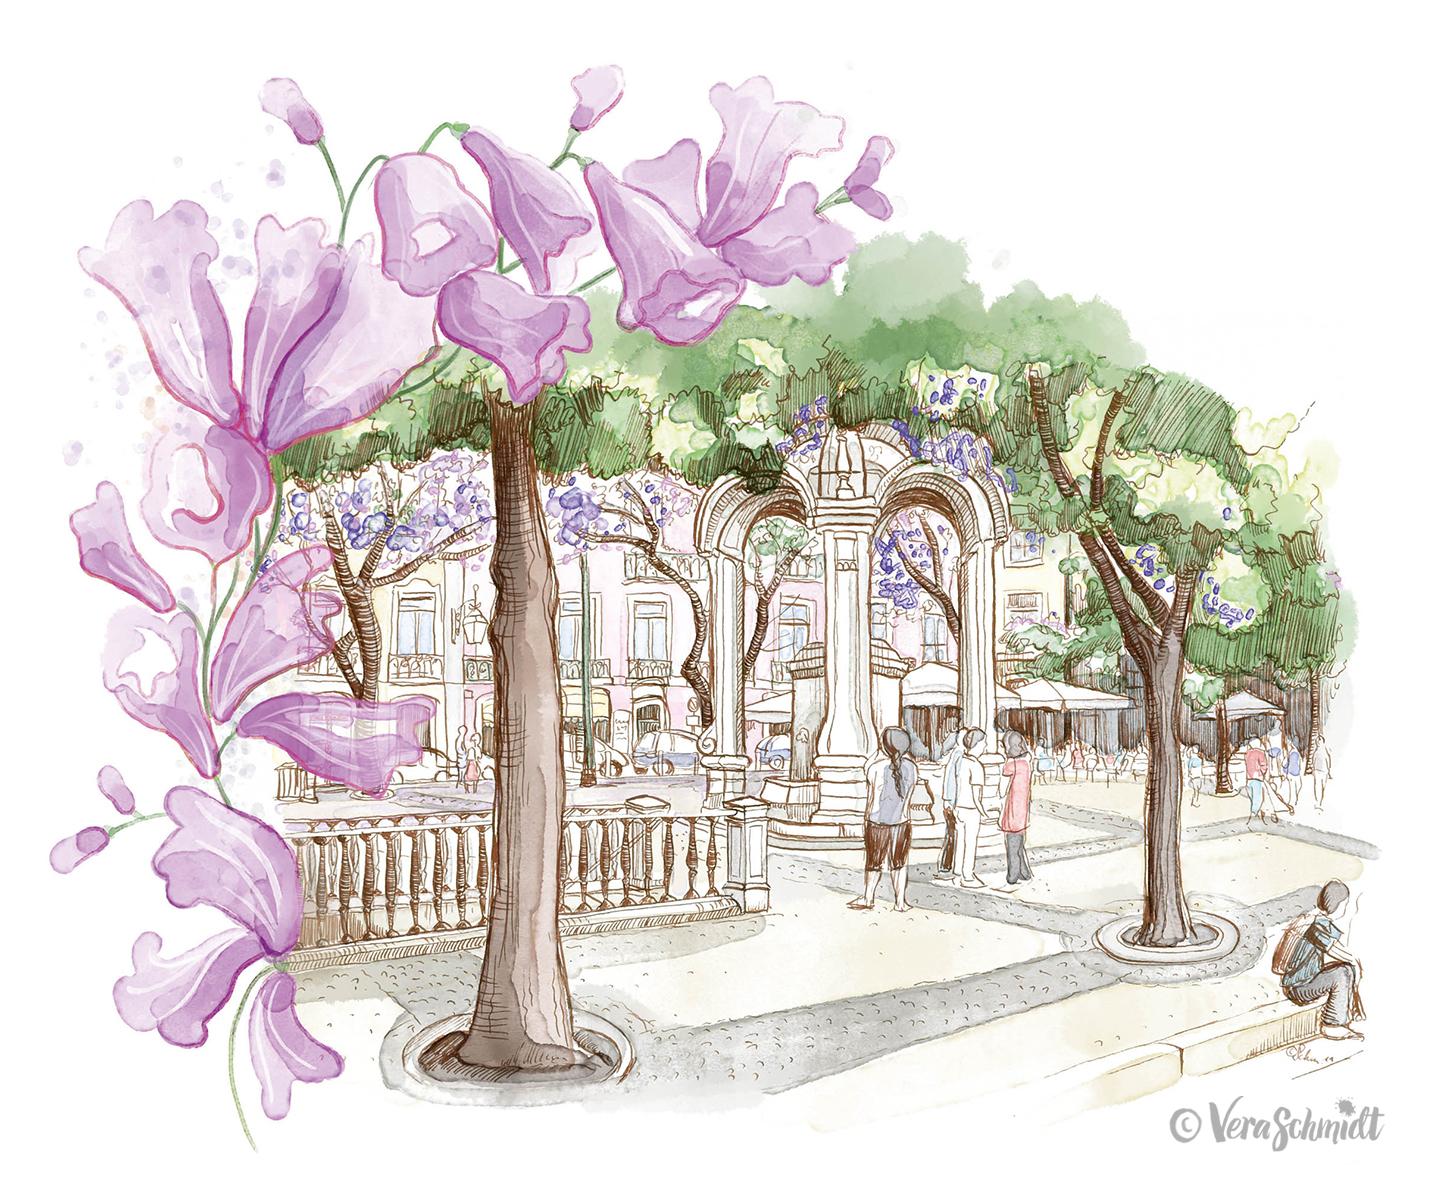 VeraSchmidtIllustration_Lissabon.jpg